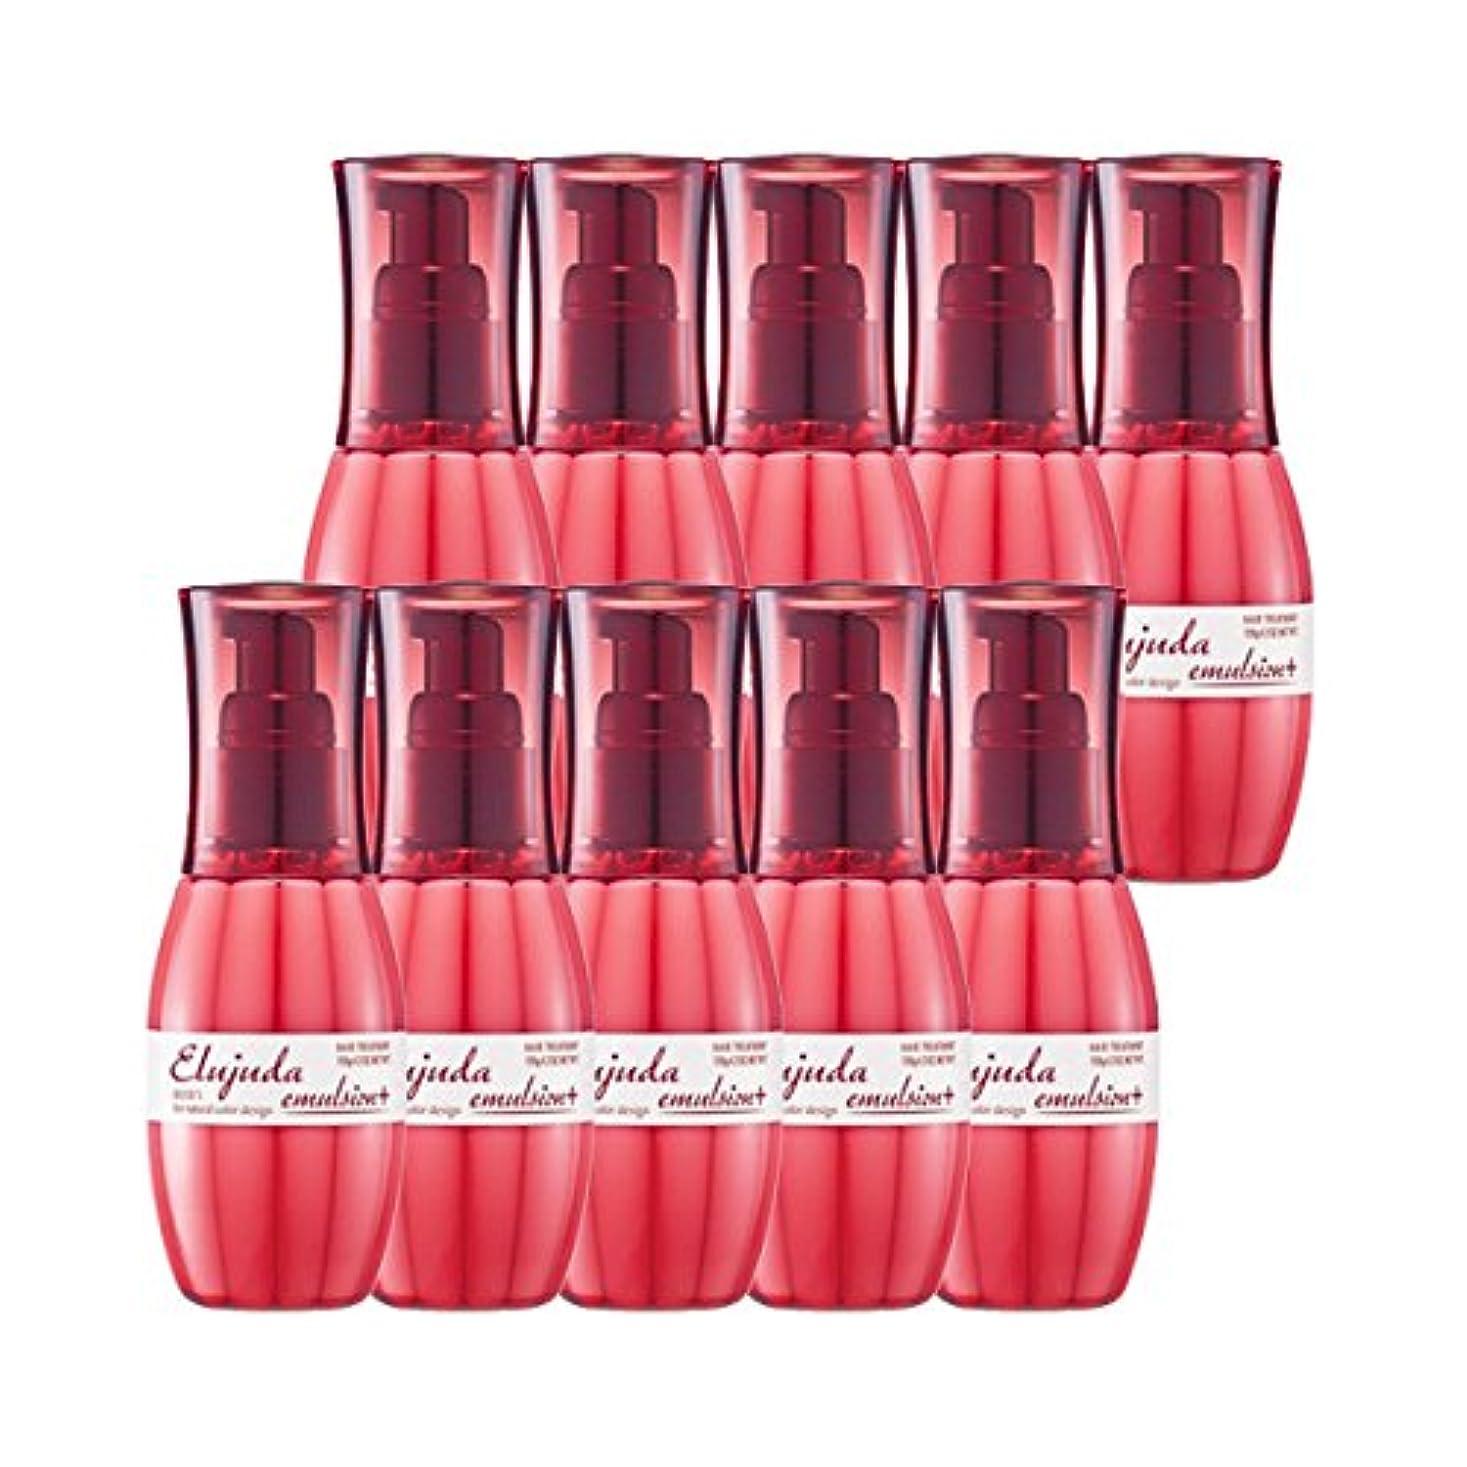 正確さラビリンスピービッシュミルボン ディーセス エルジューダ エマルジョン + (プラス) 120g × 10個 セット